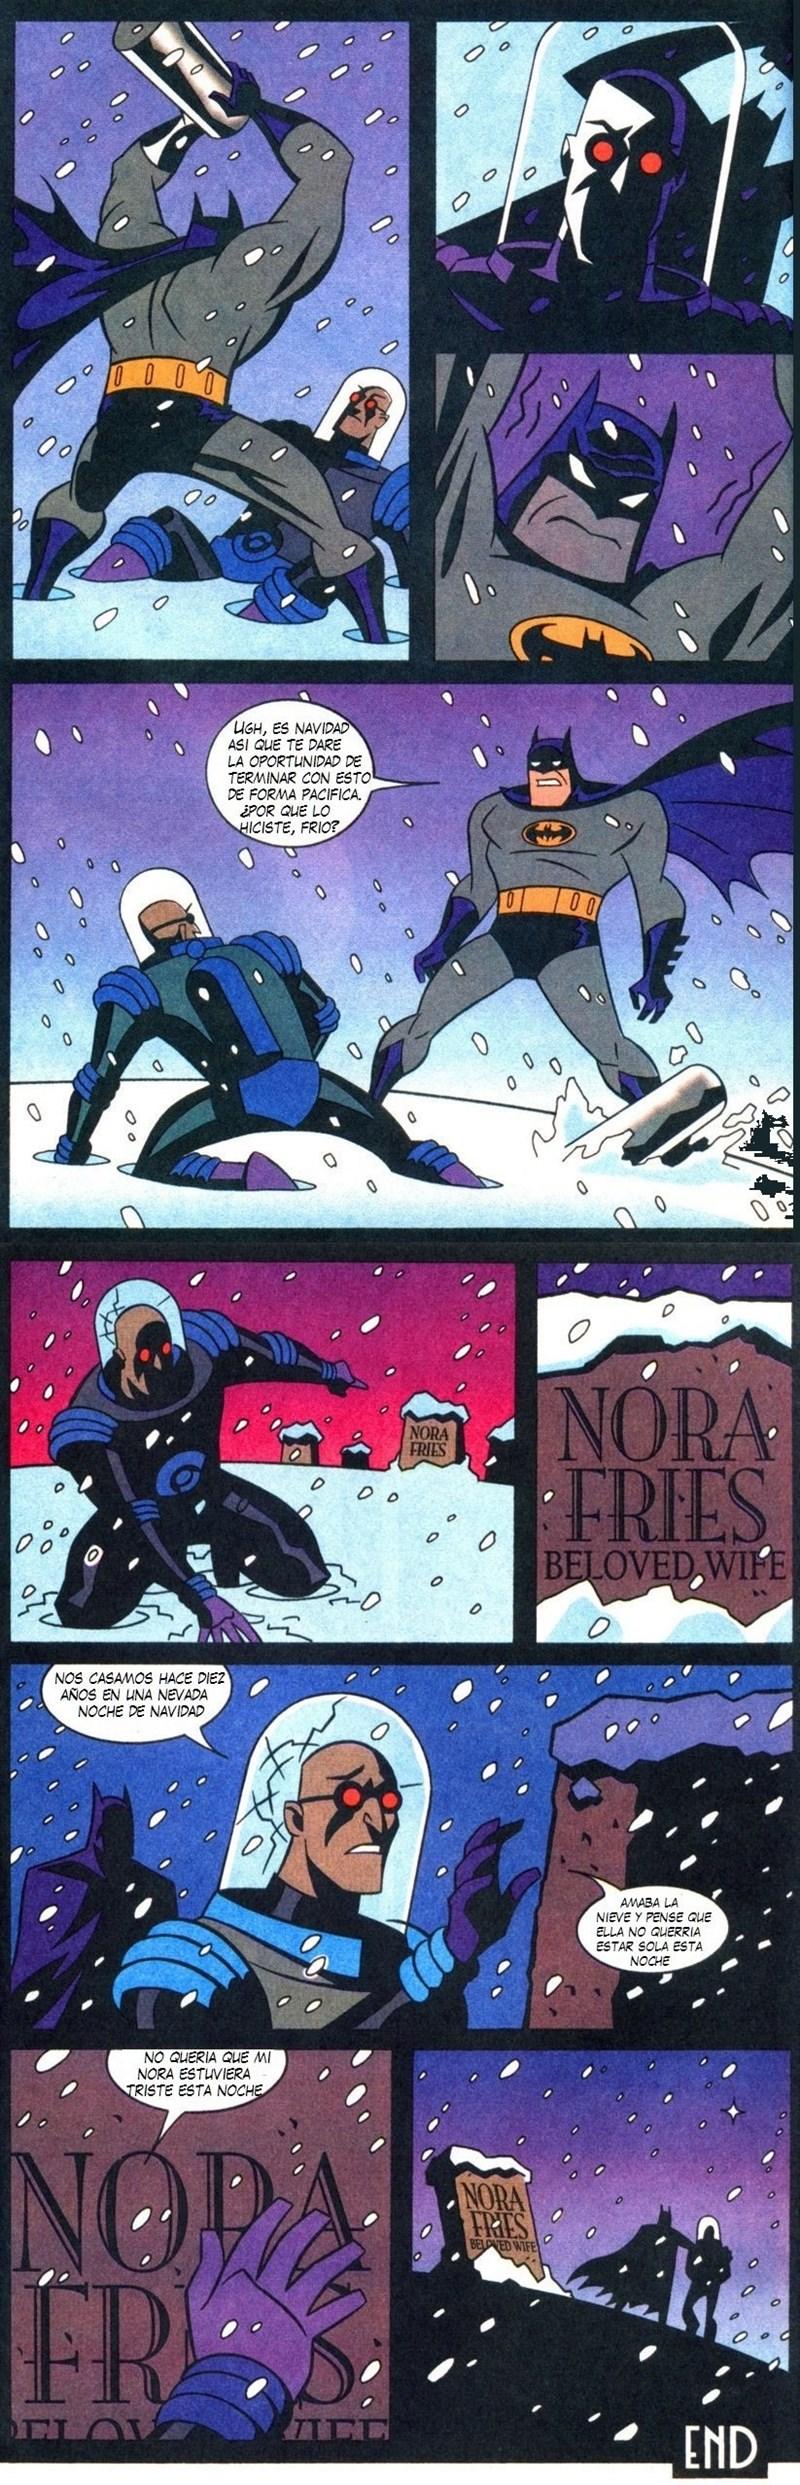 batman se enfrenta a mister frio y este le explica su origen